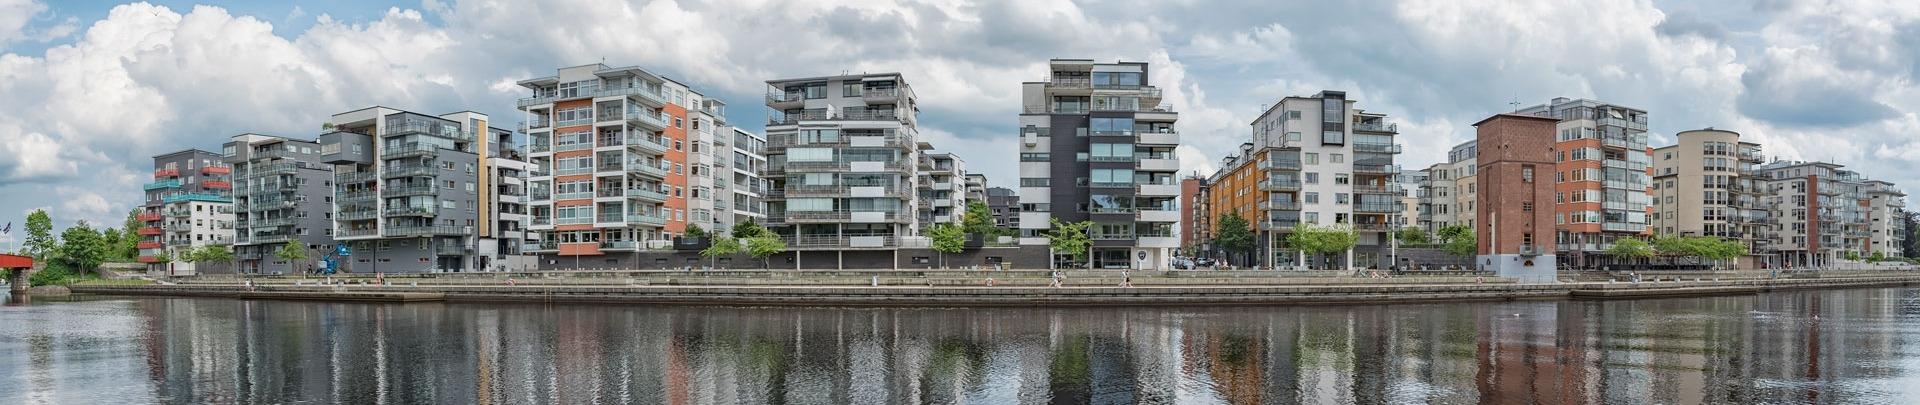 Rij met appartementen aan de waterkant